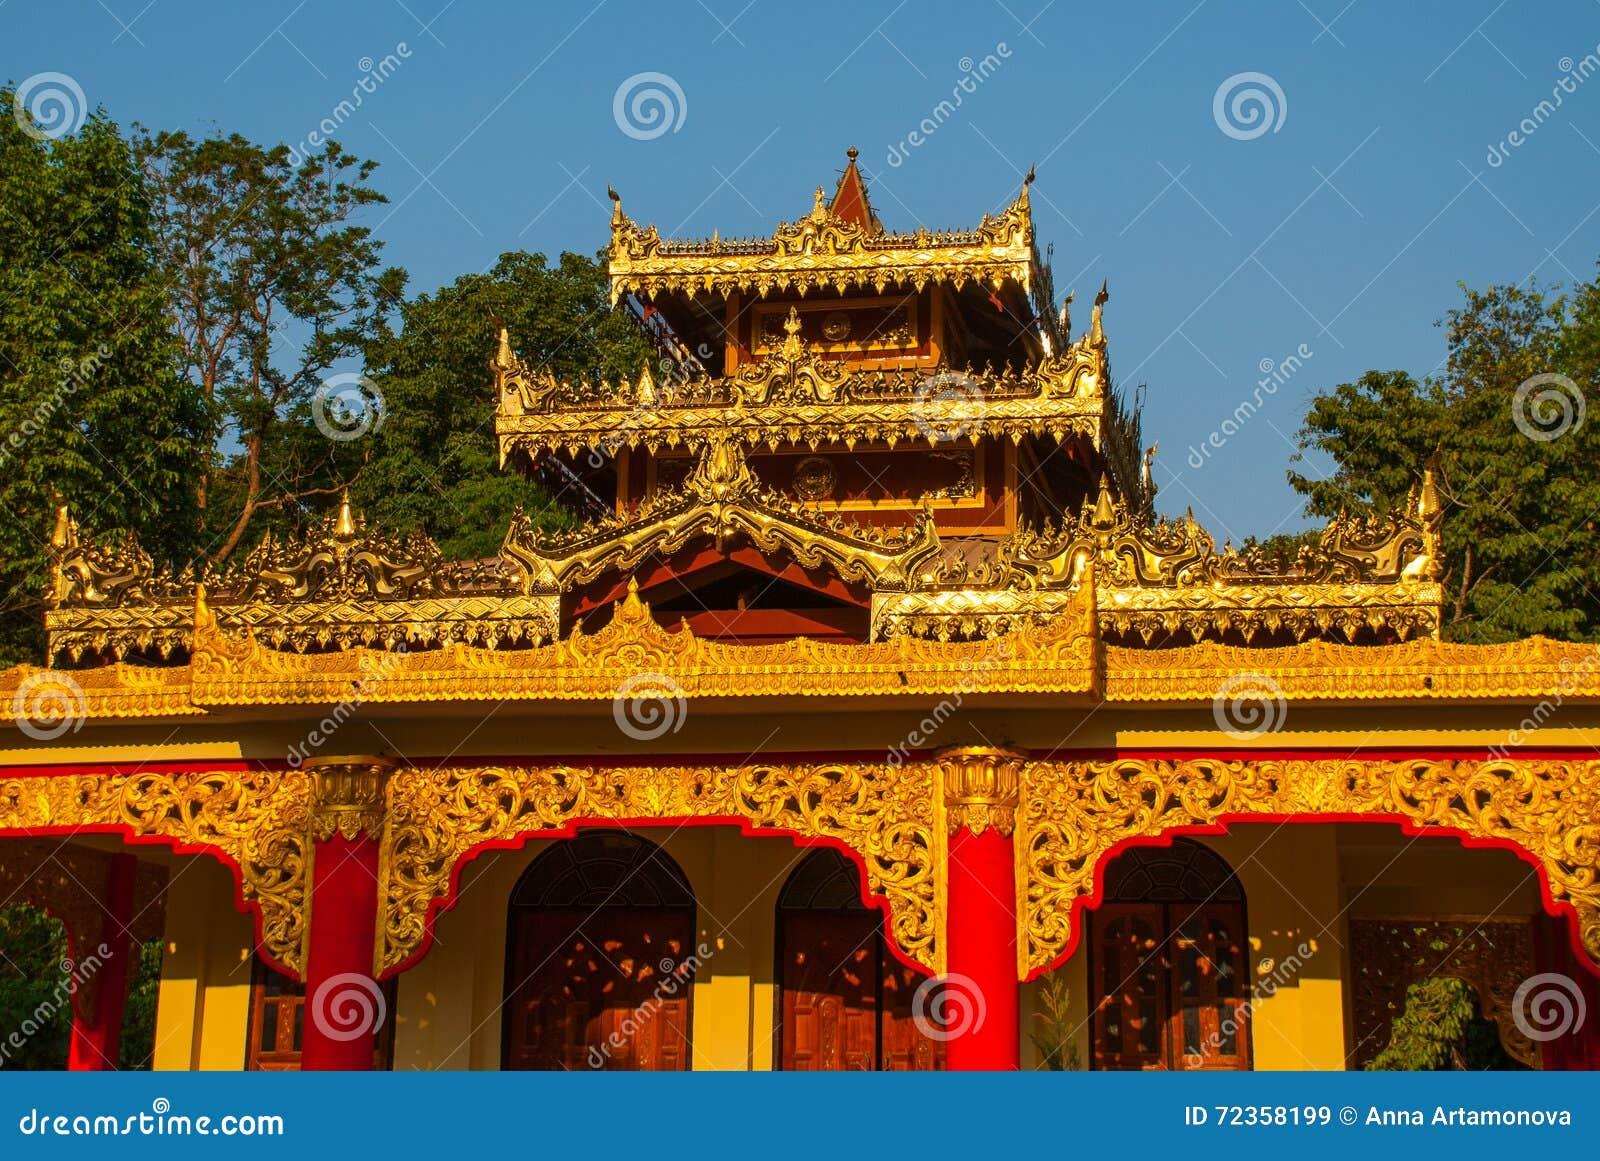 一座小的塔 Hpa-An,缅甸 缅甸